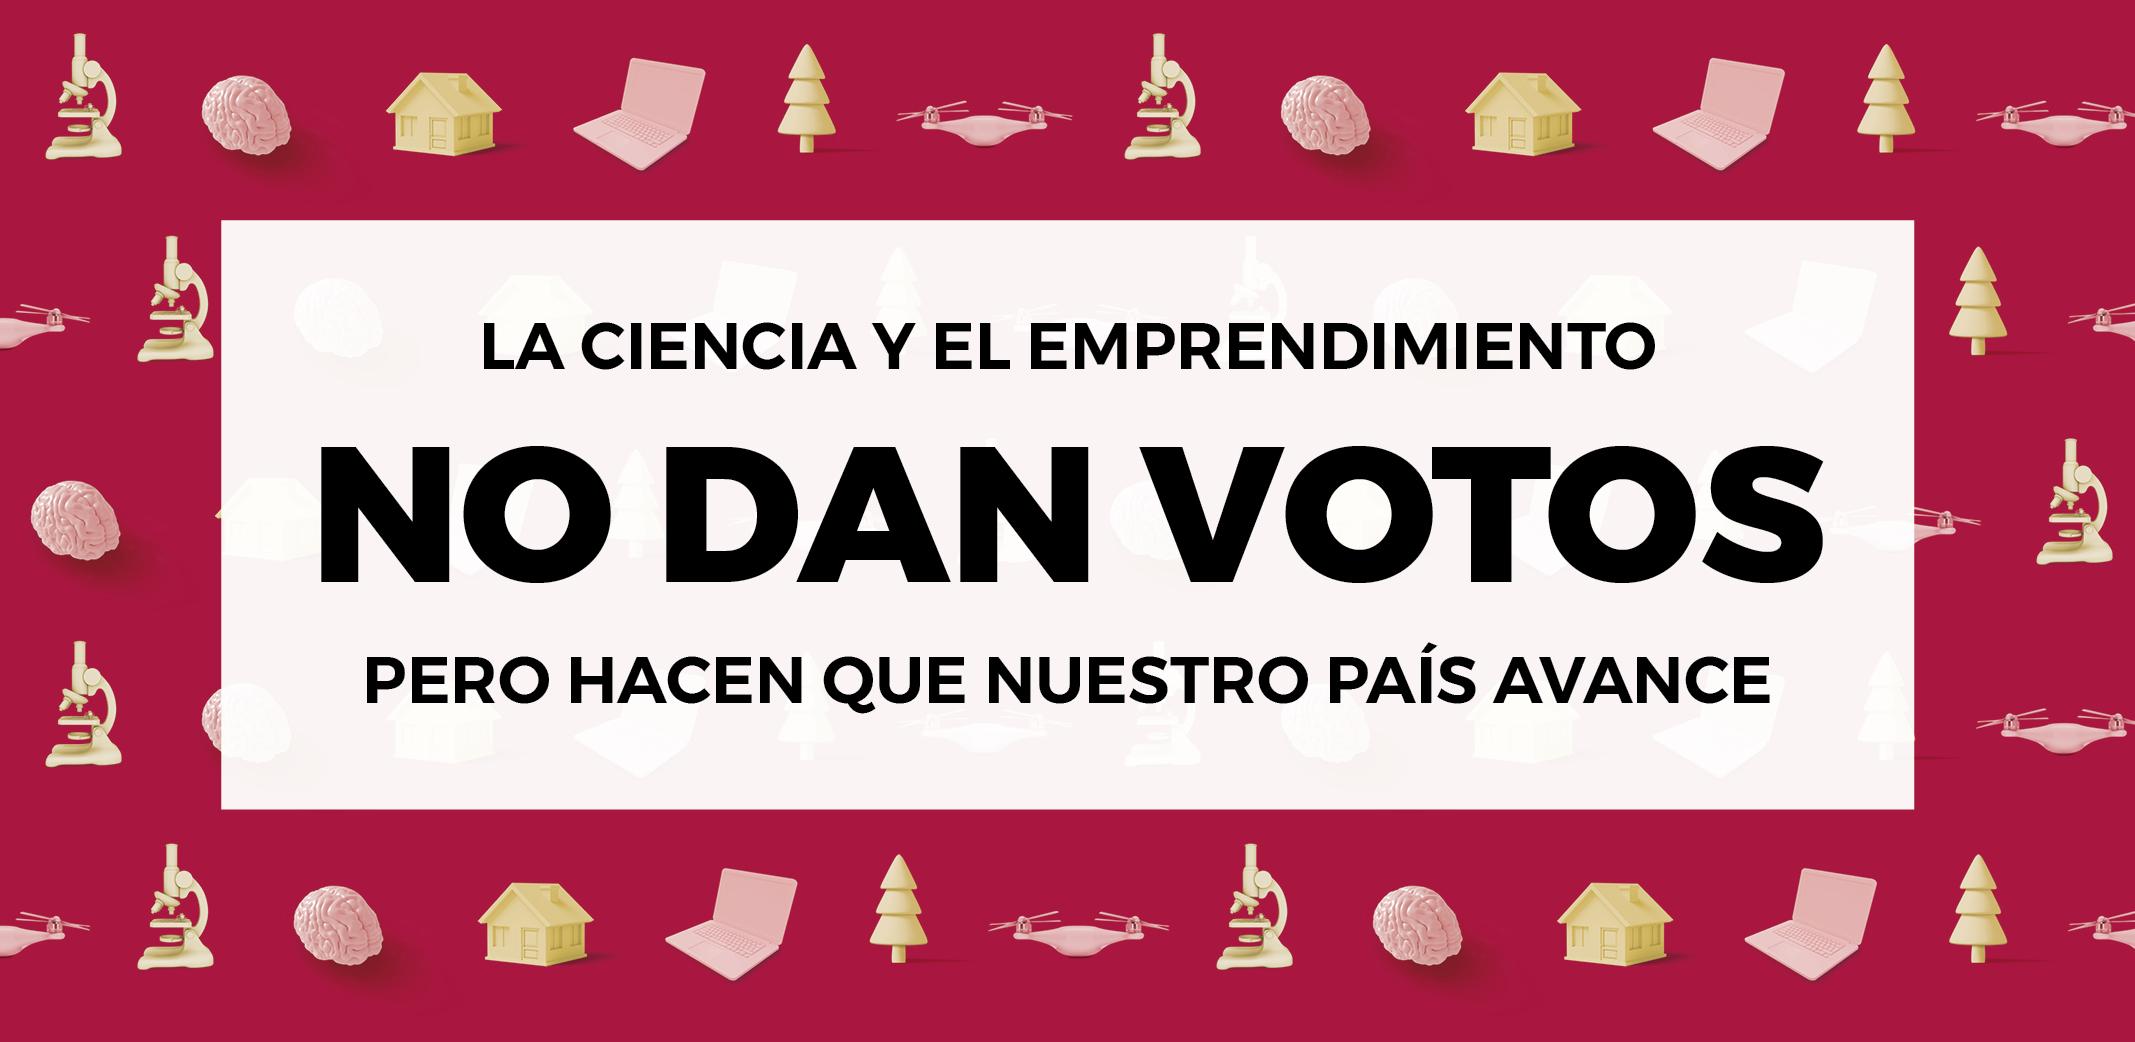 La ciencia y el emprendimiento «No dan votos» | Premios Rei Jaume I